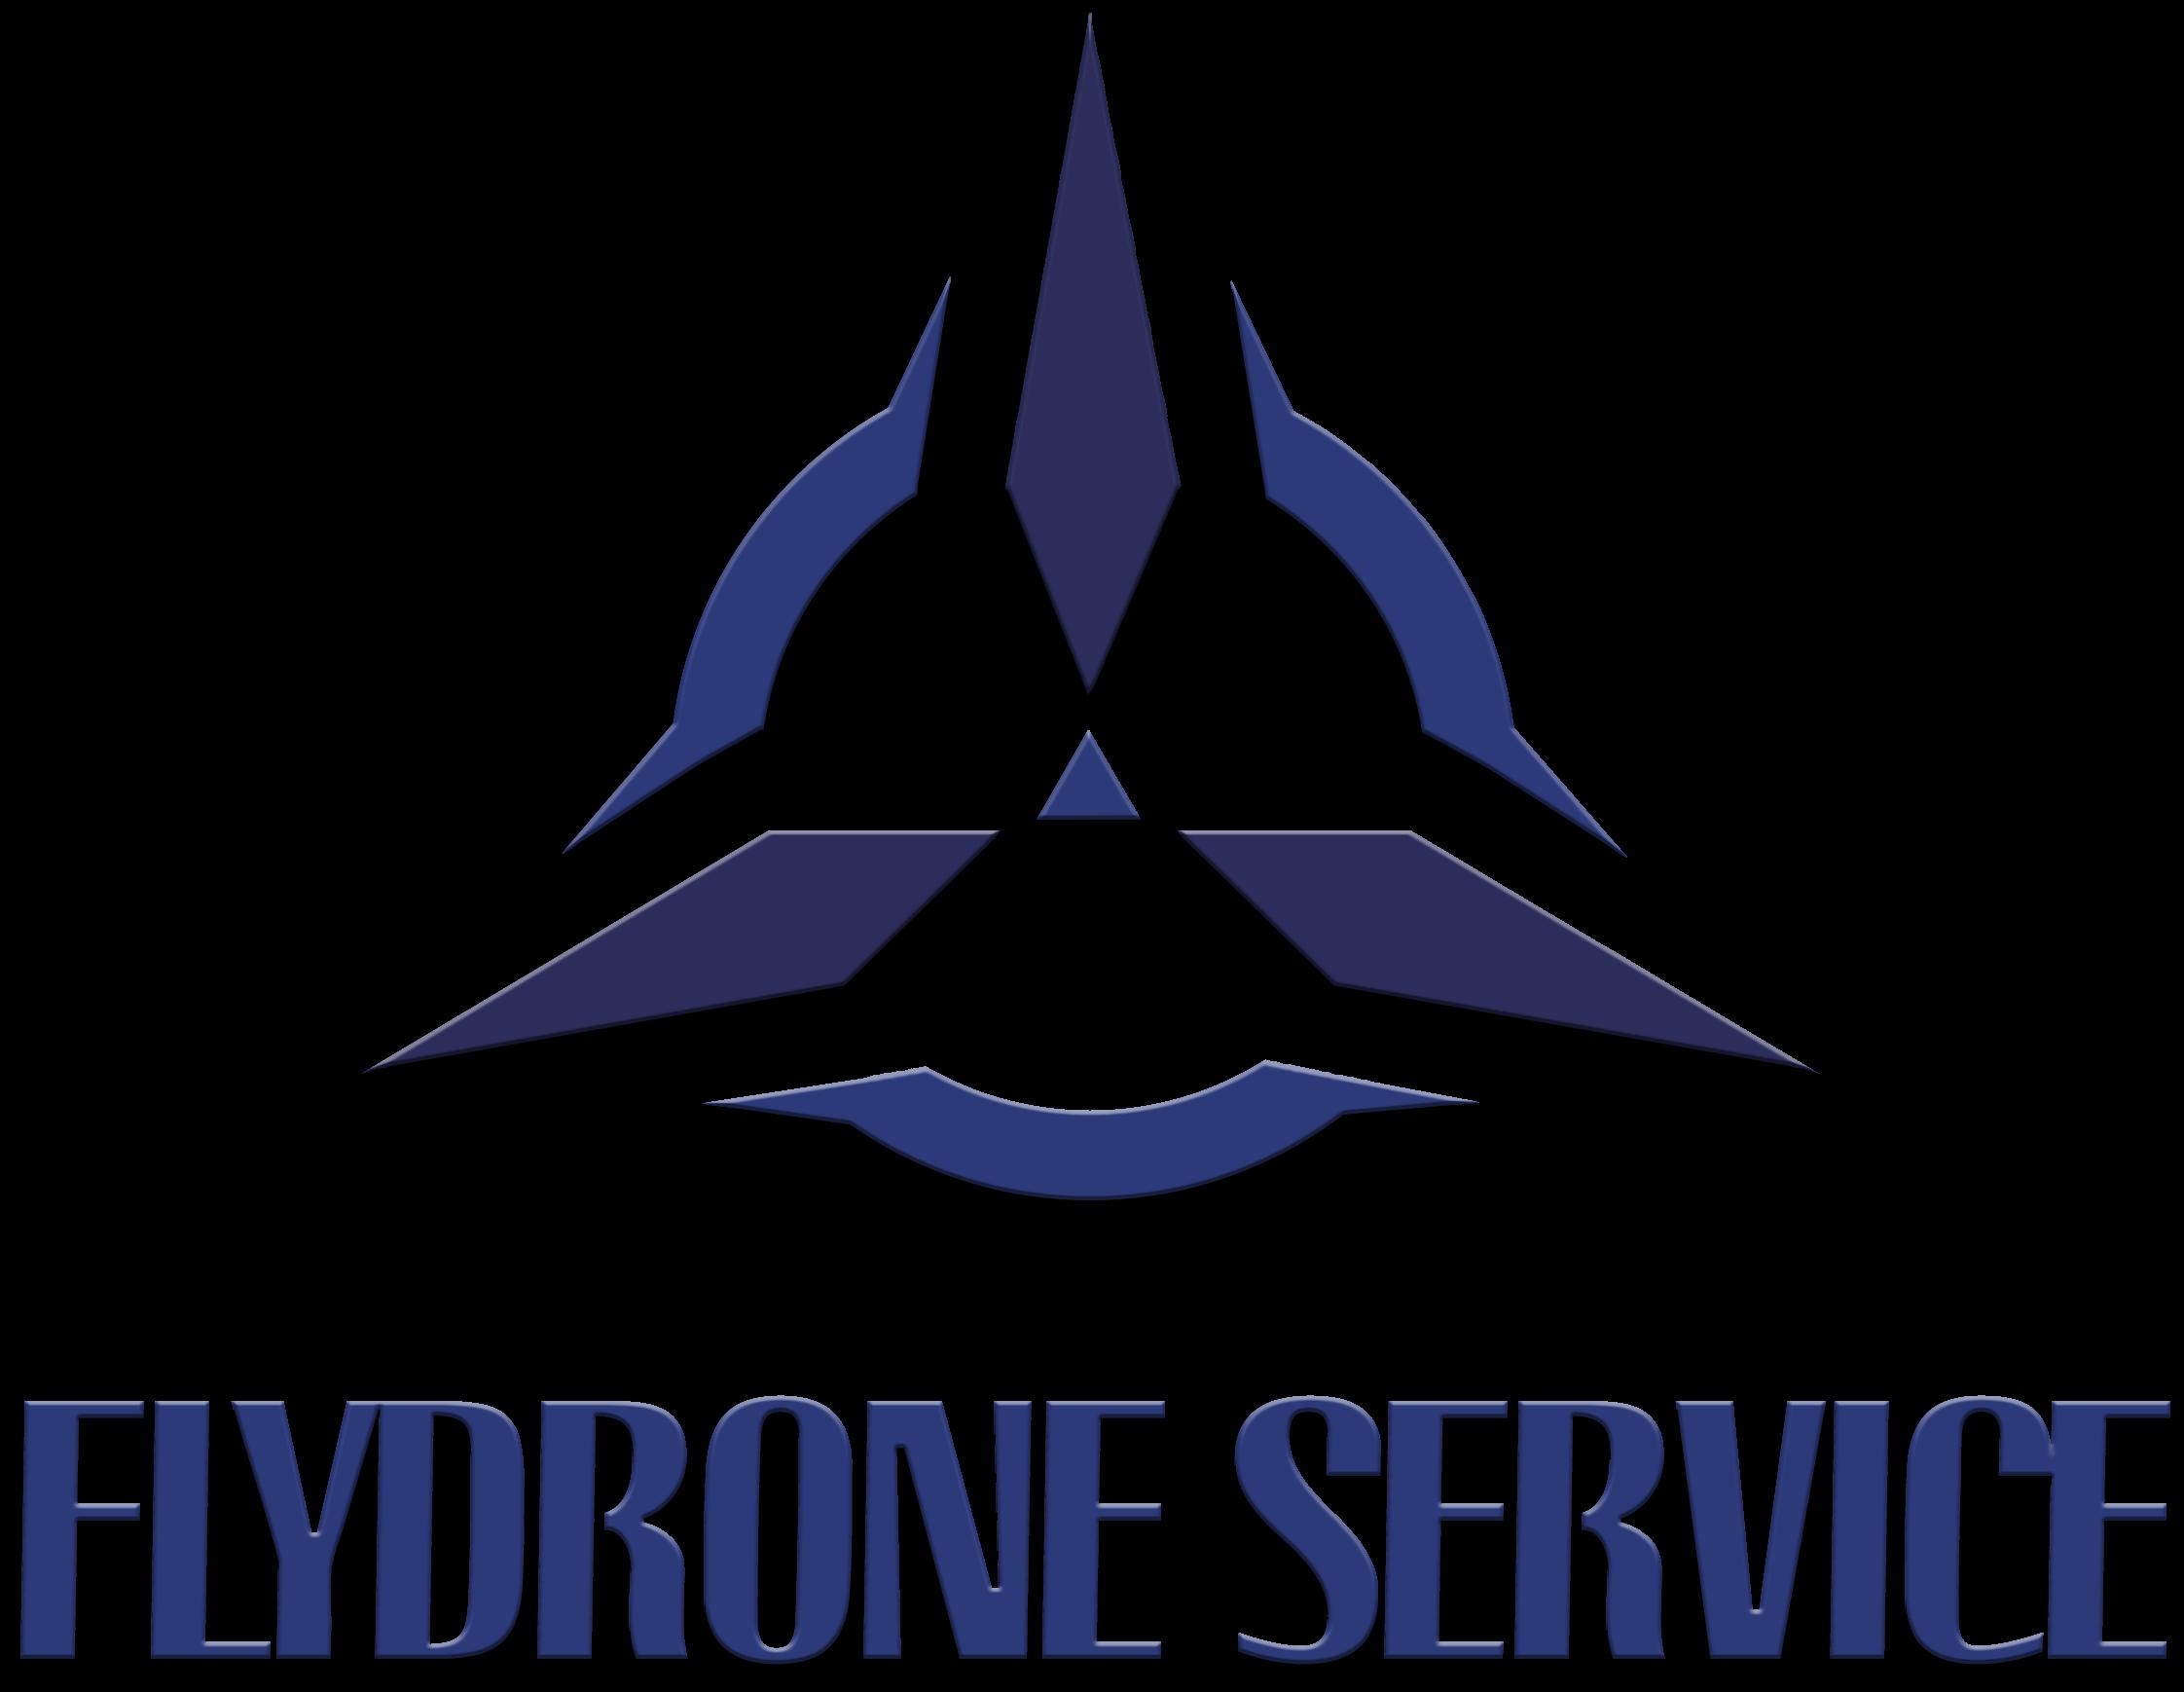 FlyDronService